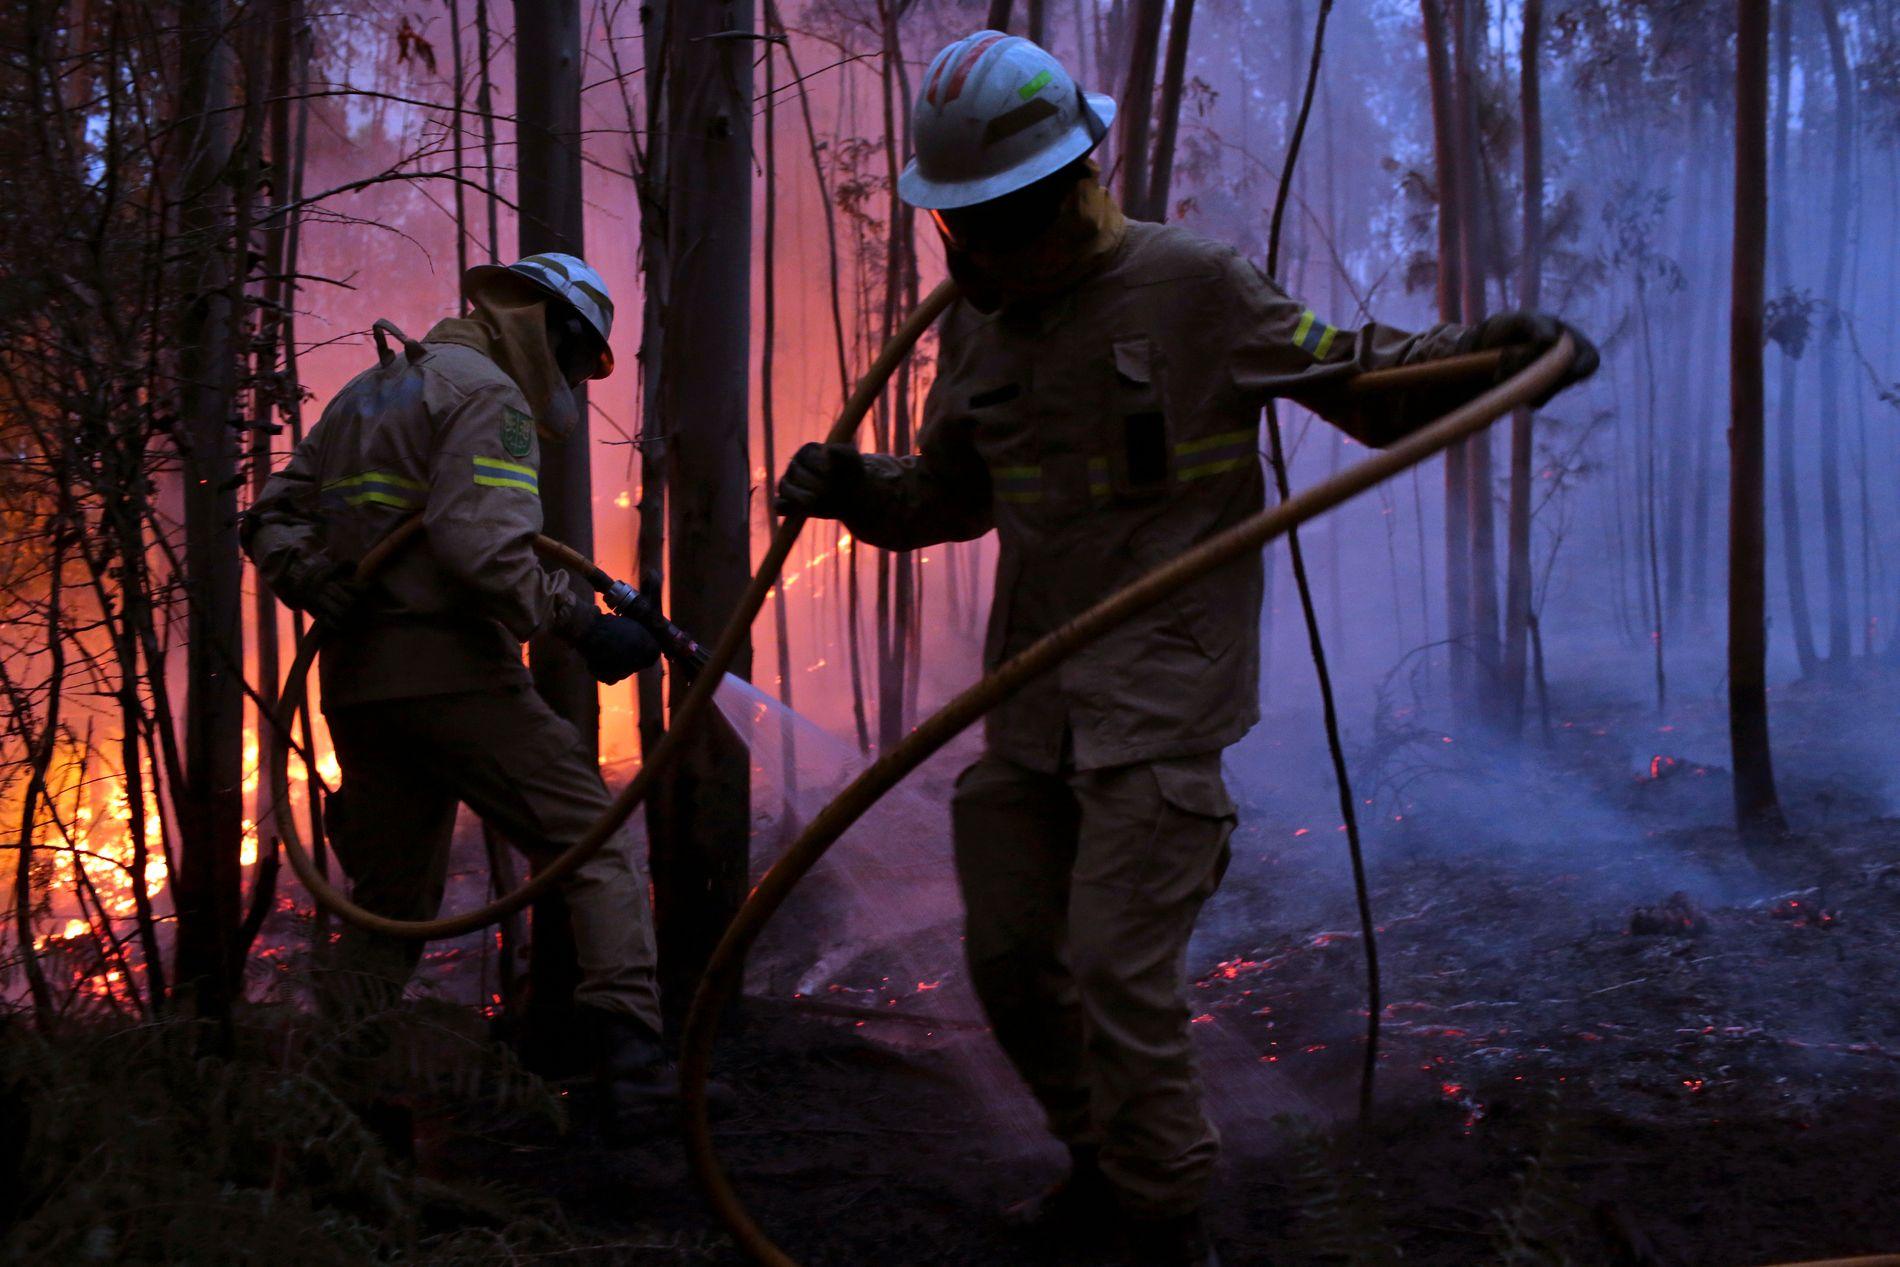 SLUKKER: Brannmannskap forsøker å slukke brannen som herjer i landsbyen Avelar, i den midtre delen av Portugal.